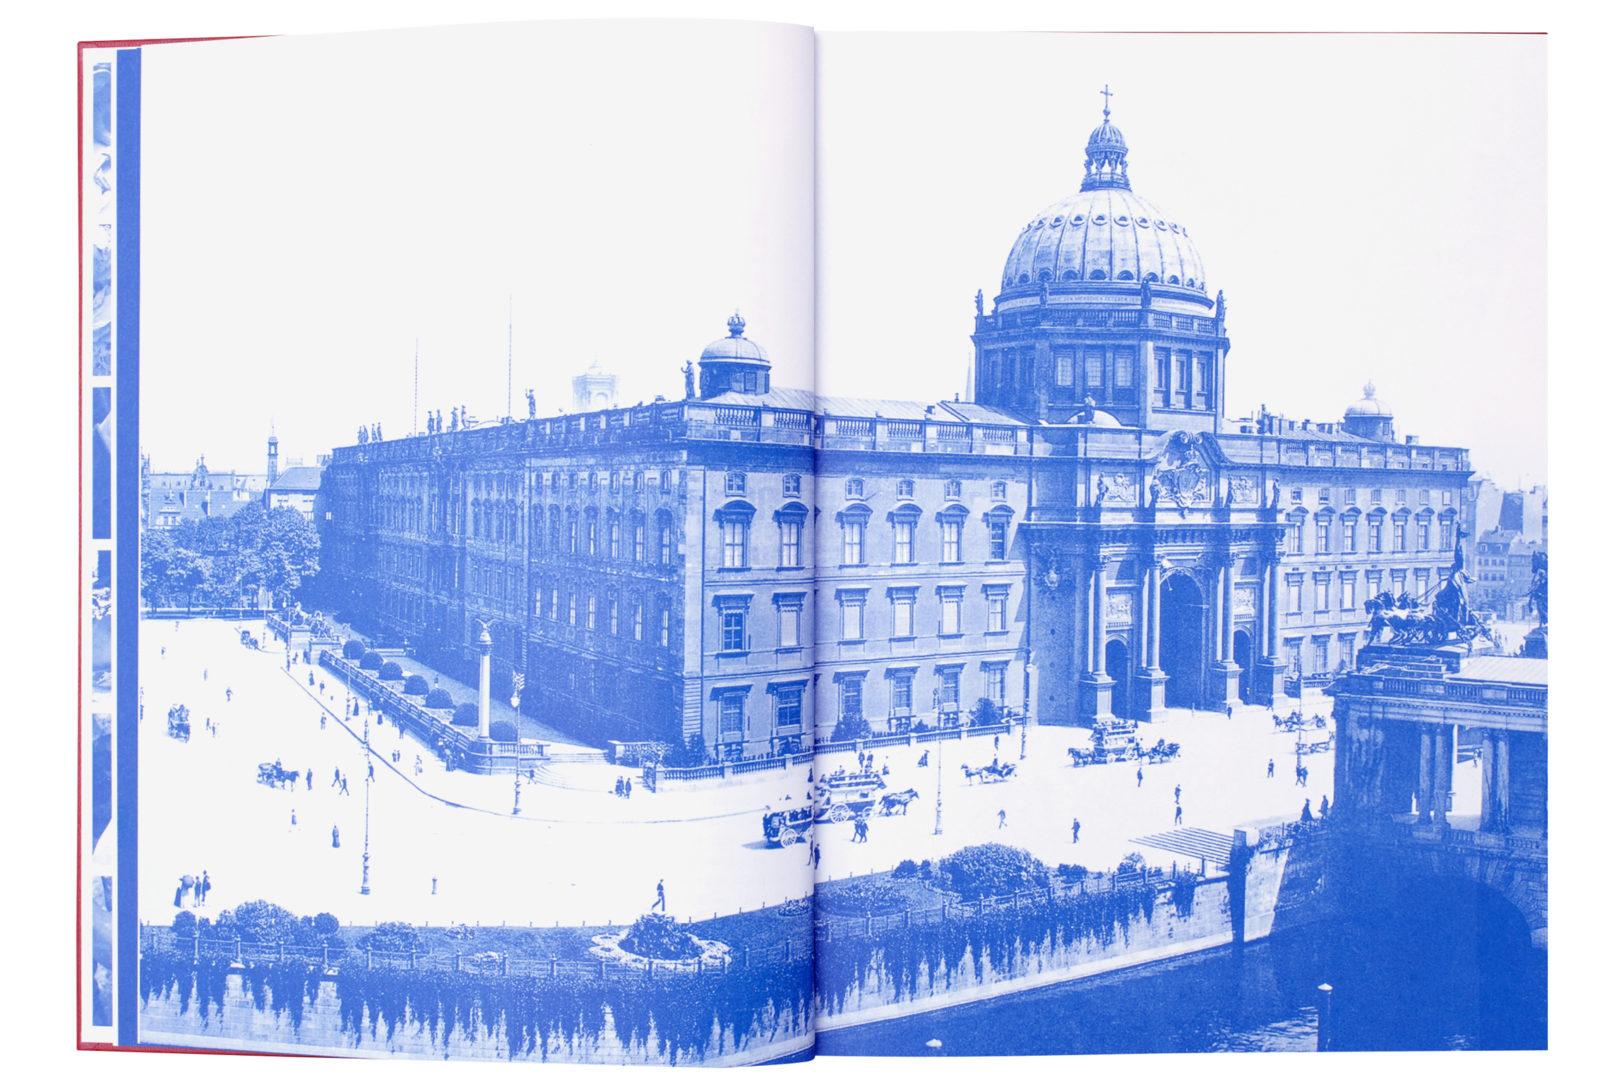 http://e-o-t.de/wordpress/wp-content/uploads/2018/07/eot-2017-Barock-Book-17.jpg